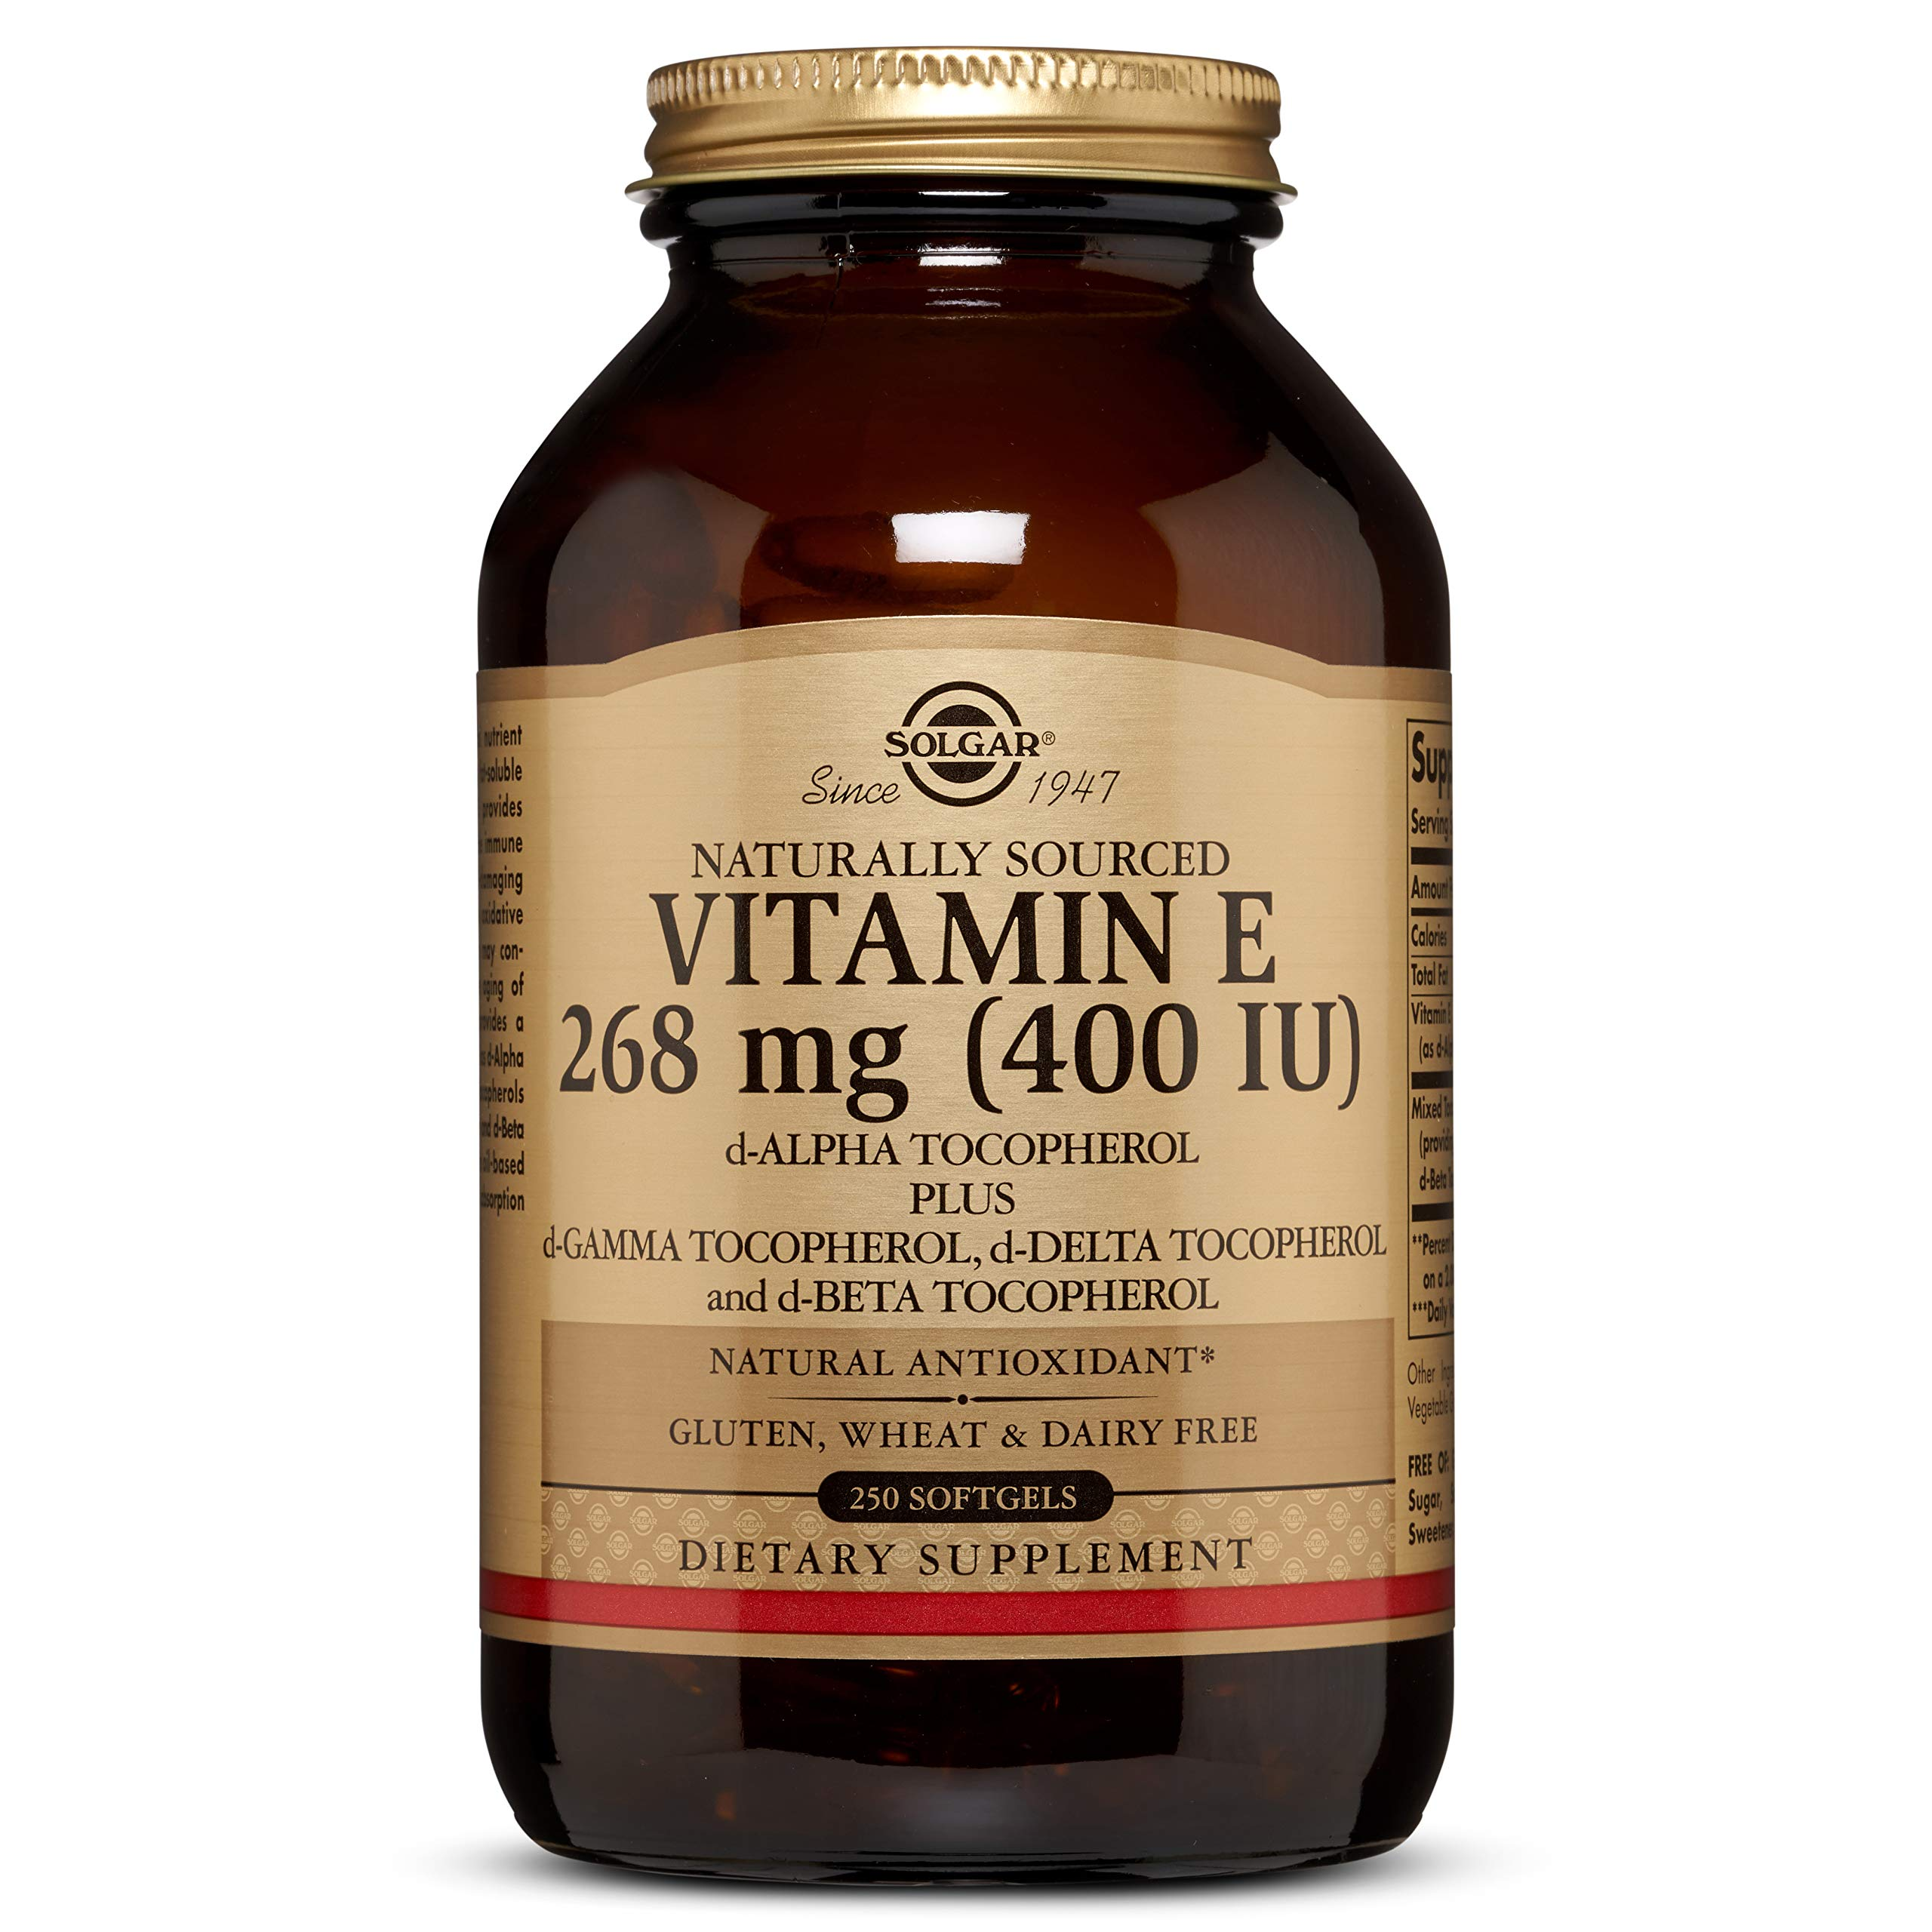 Vitamin E 268 MG (400 IU) Mixed Softgels (d-Alpha Tocopherol & Mixed Tocopherols) - 250 Count